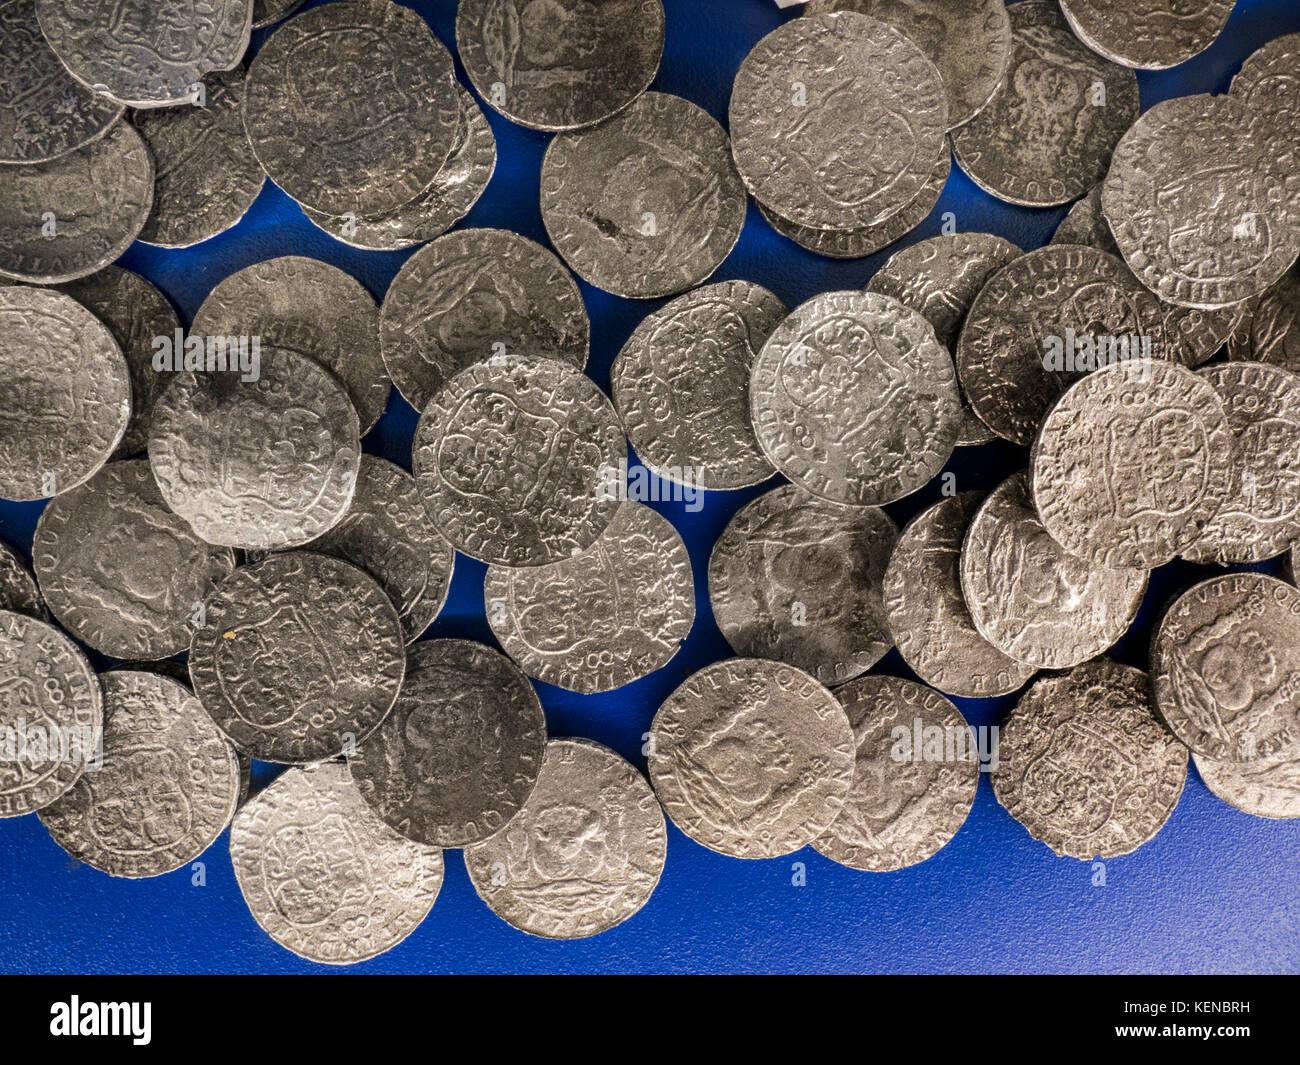 Mexico Hispanic 1742 Pillar Dollar silver 8 Reales shipwreck replica coins - Stock Image